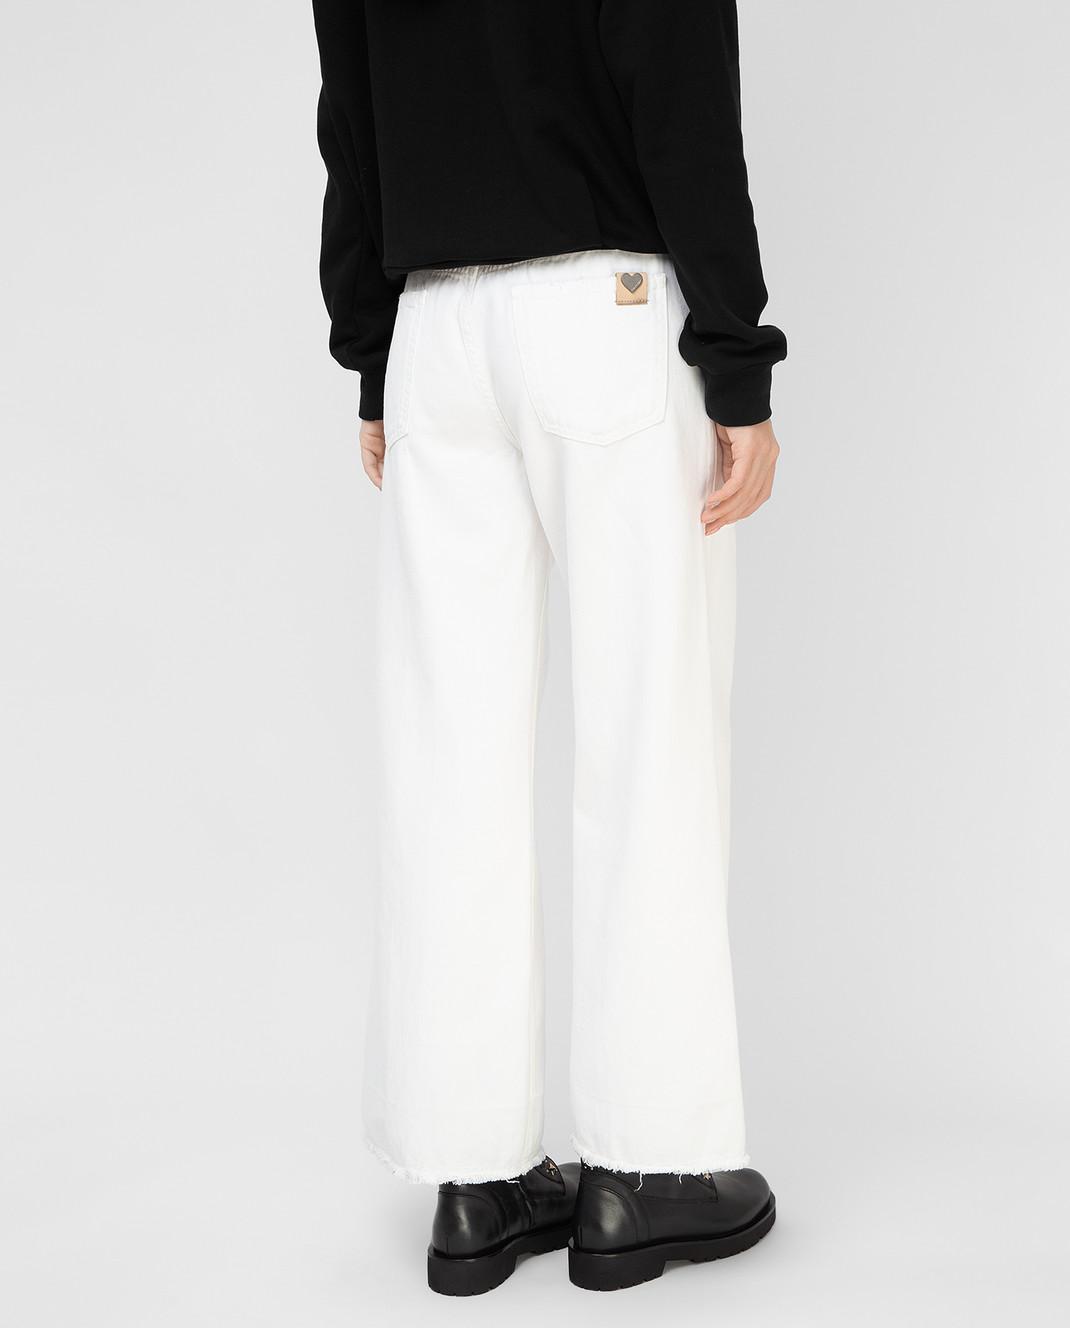 Twin Set Белые джинсы PS72S6 изображение 4